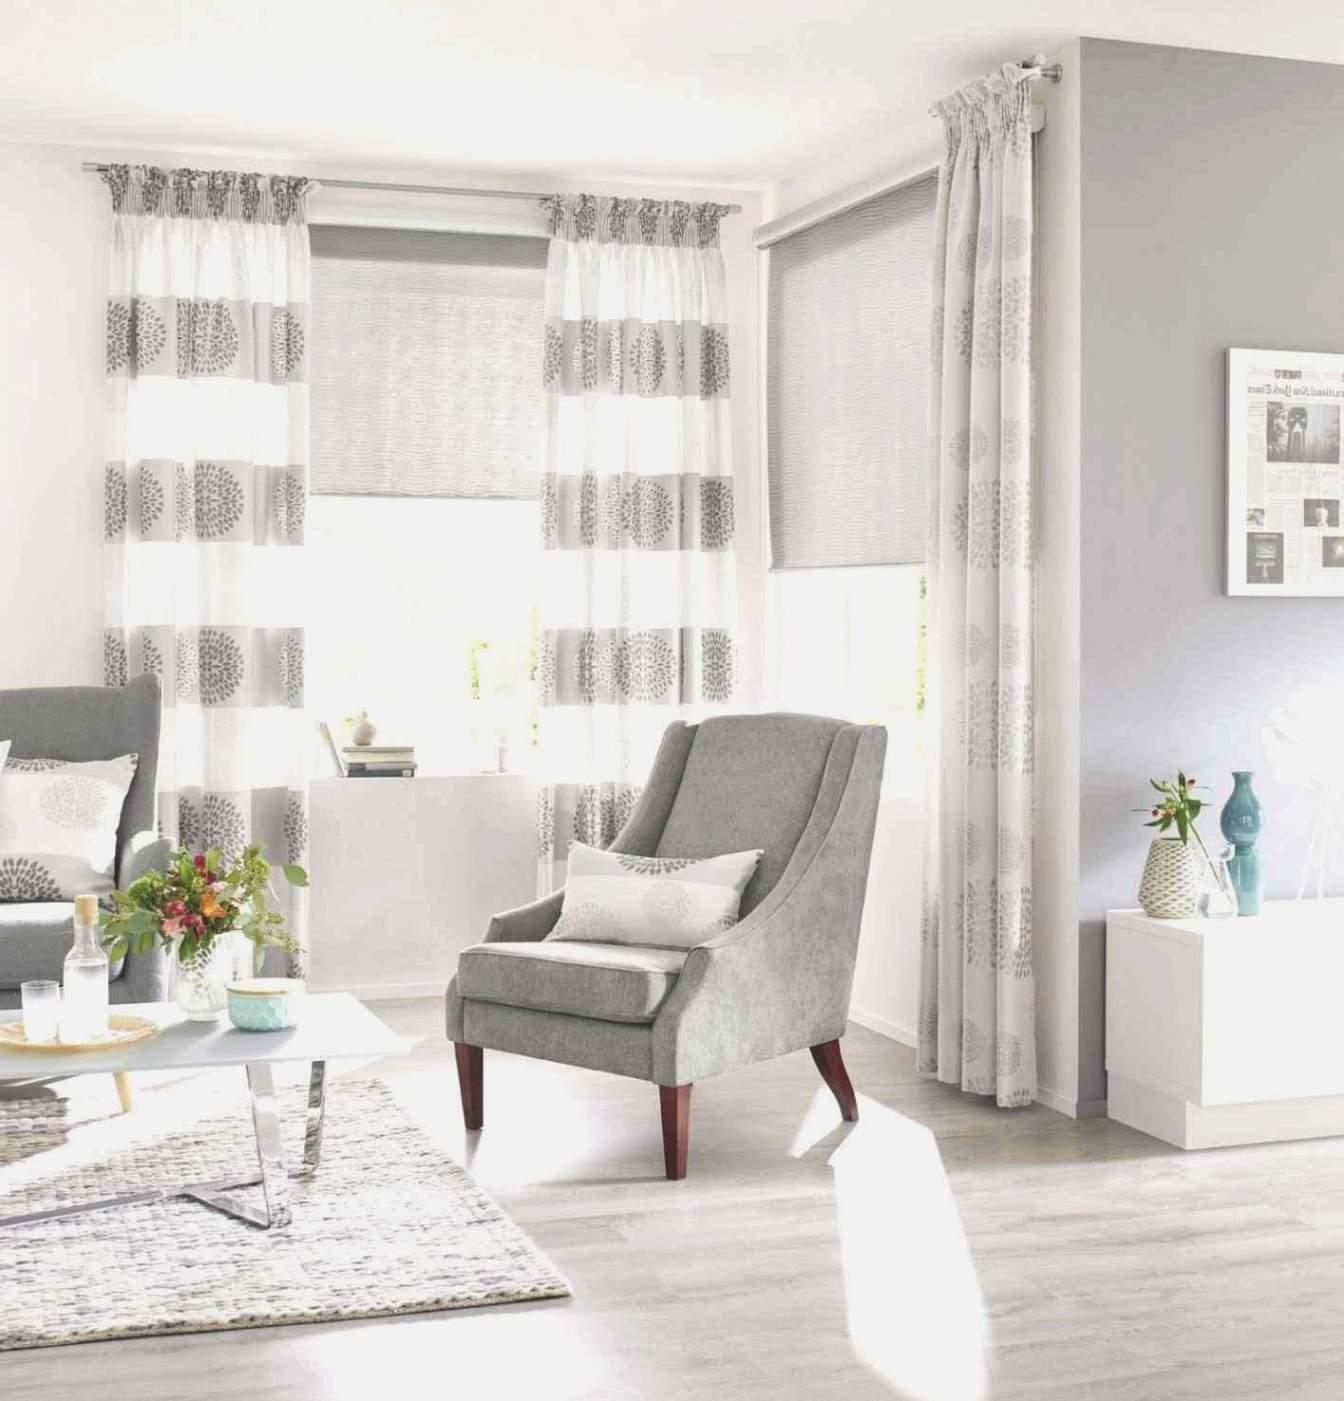 Full Size of Gardinenschals Wohnzimmer Luxus 31 Inspirierend Vorhang Wohnzimmer Genial Wohnzimmer Wohnzimmer Vorhänge